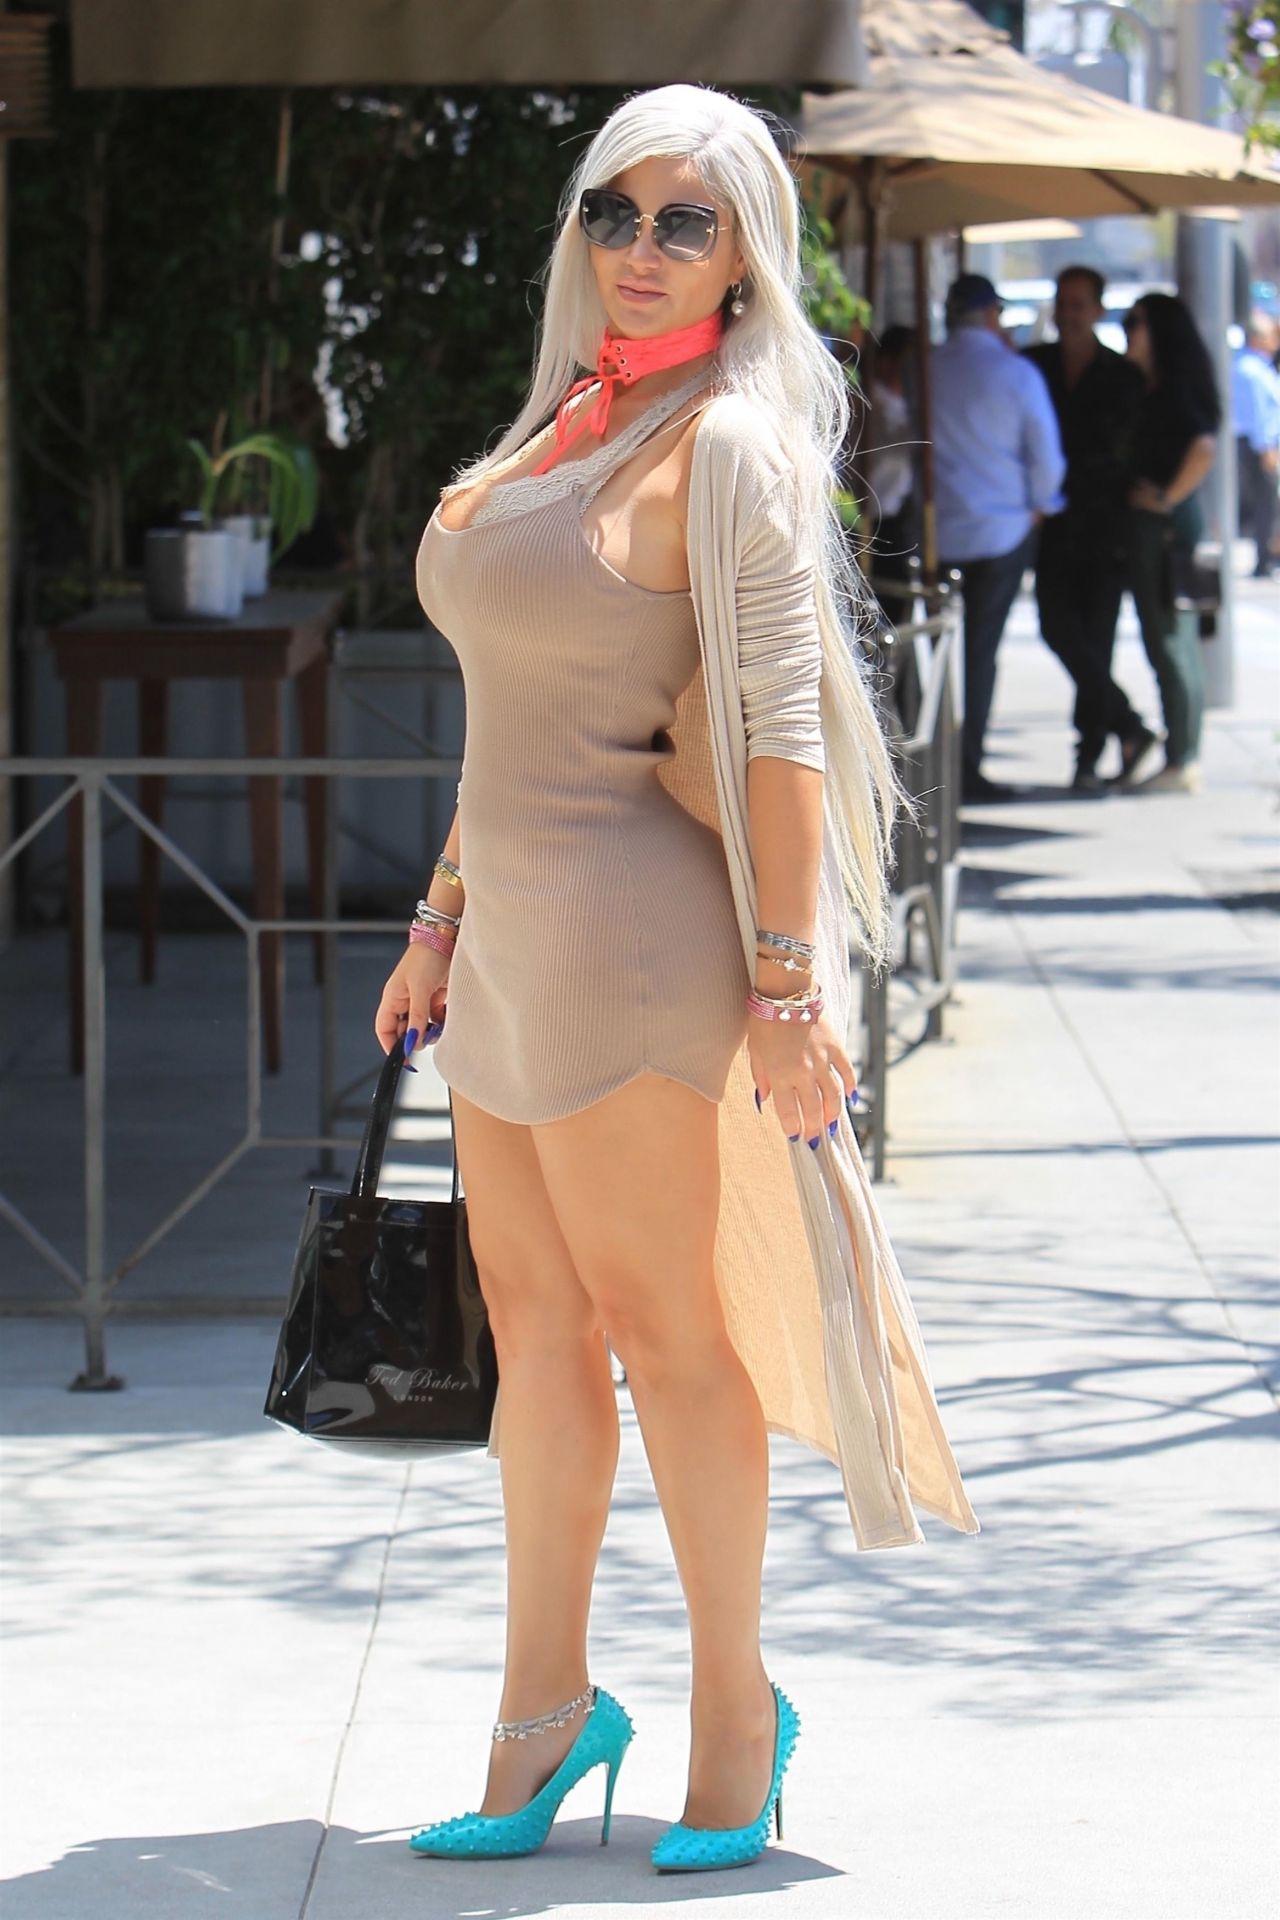 Sophia Vegas nude (19 photo) Sexy, YouTube, see through